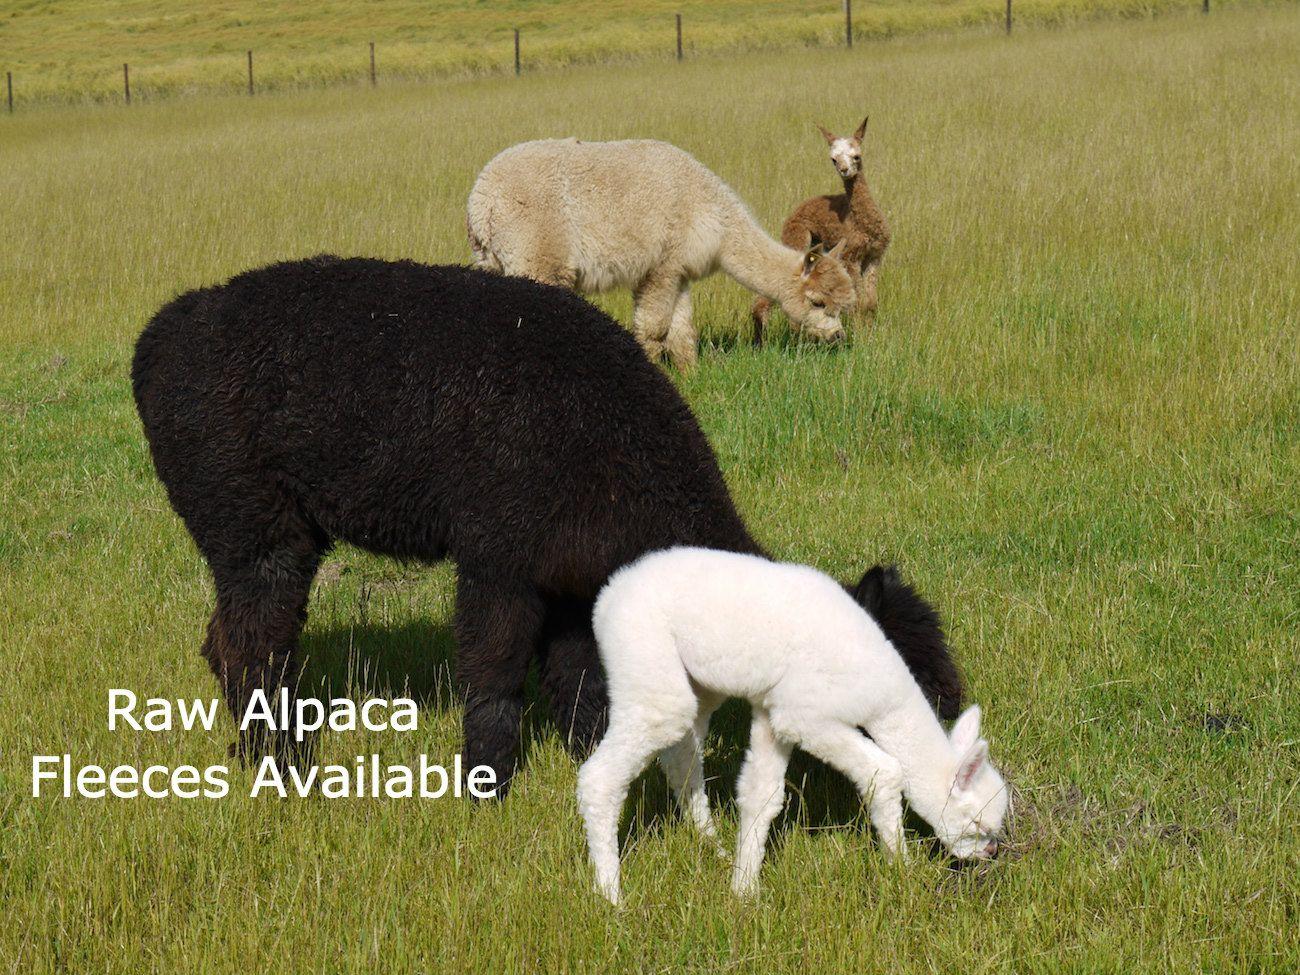 alpacas-grazing-caption